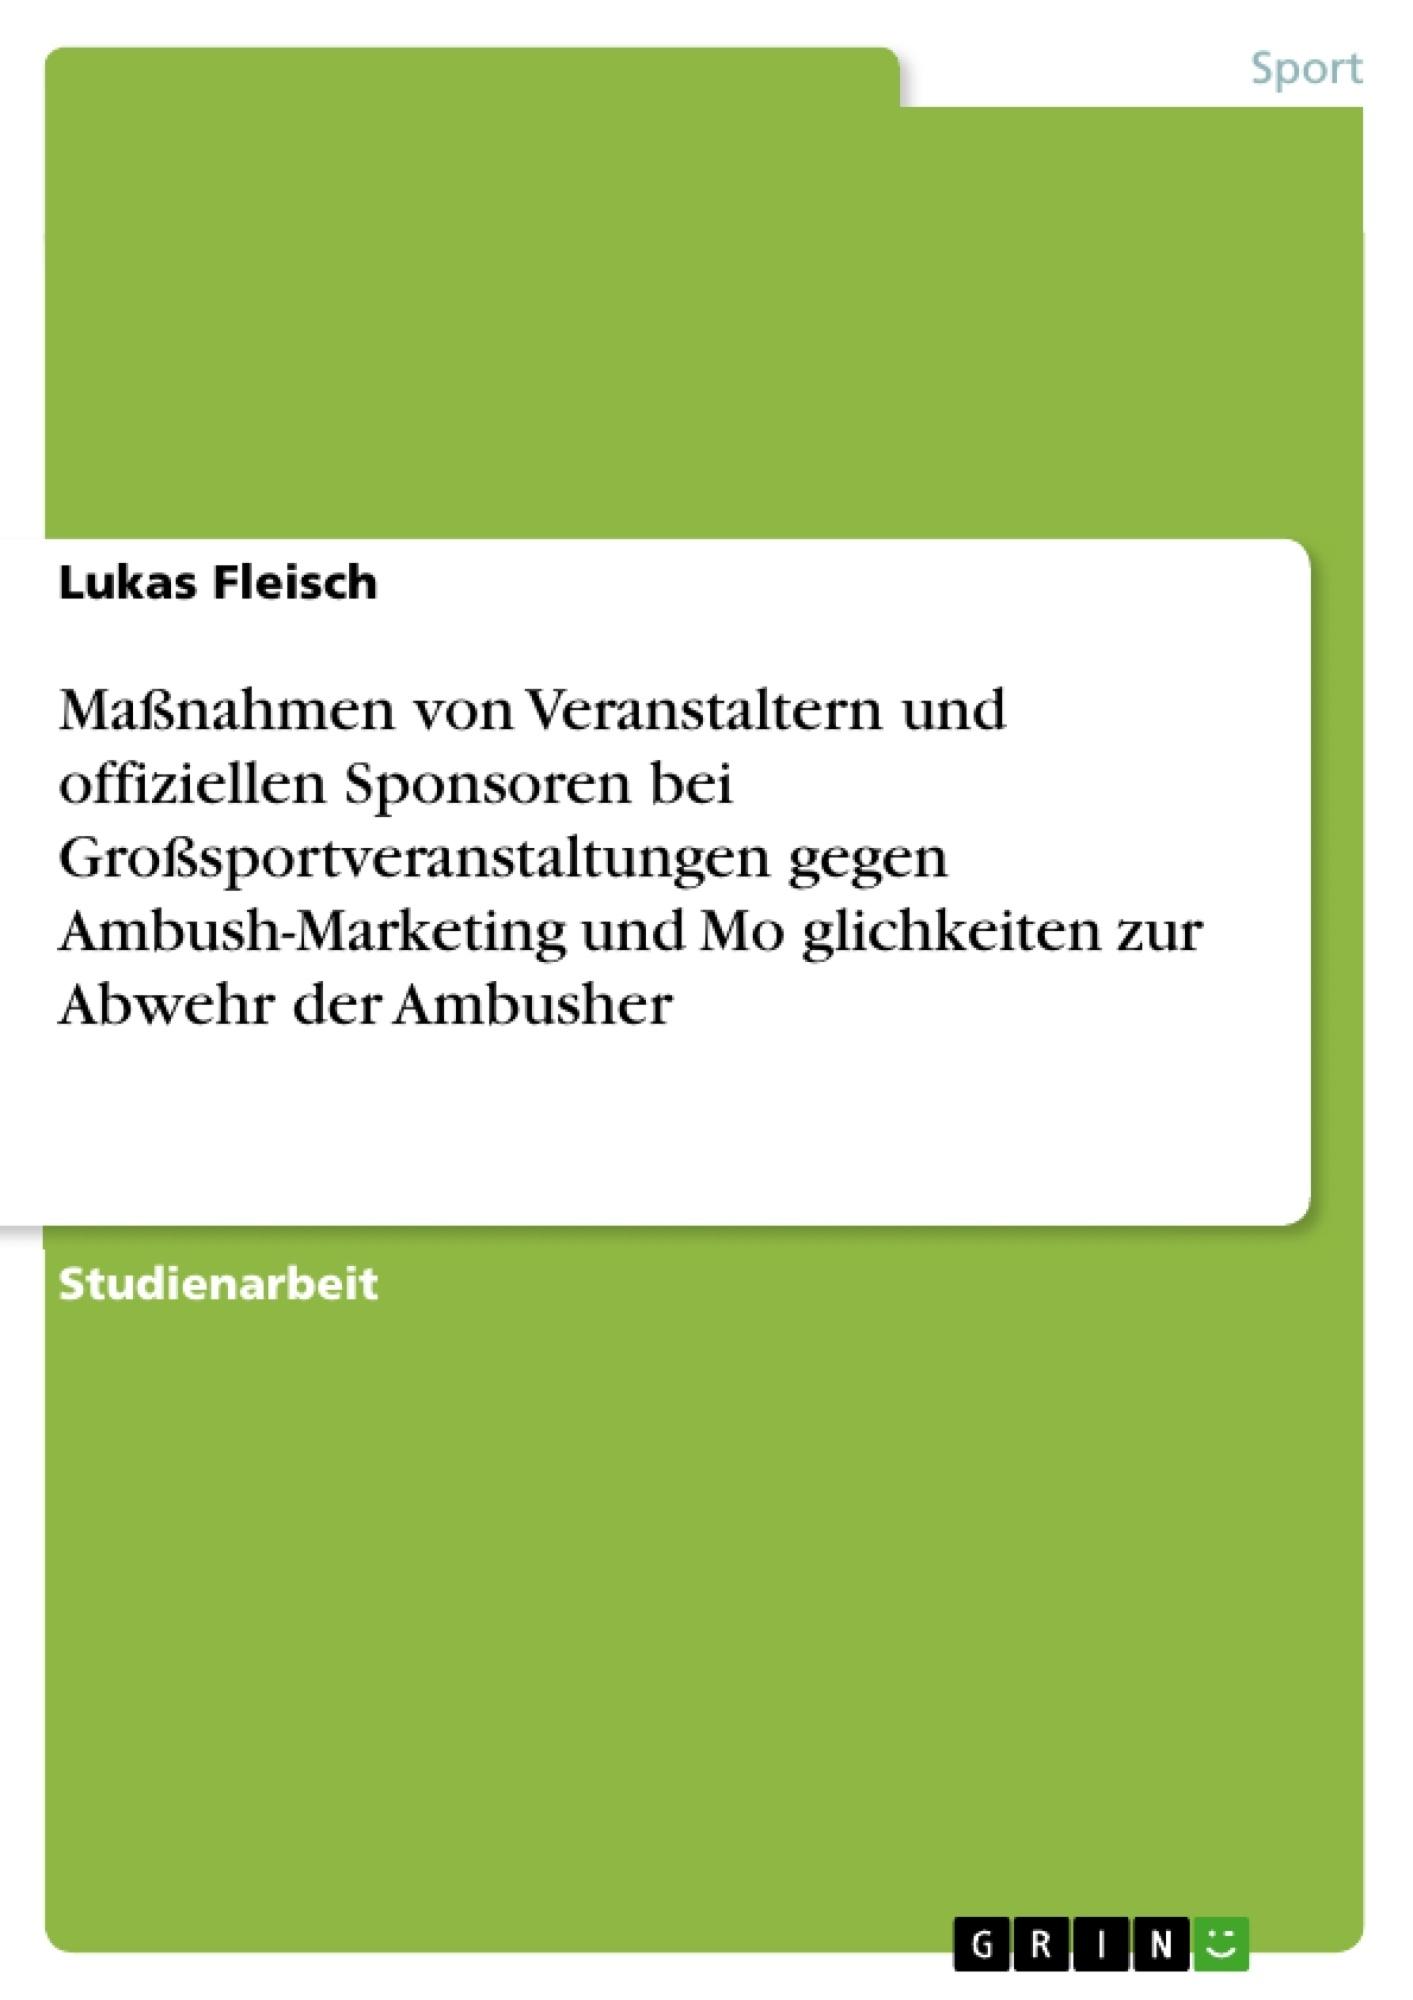 Titel: Maßnahmen von Veranstaltern und offiziellen Sponsoren bei Großsportveranstaltungen gegen Ambush-Marketing und Möglichkeiten zur Abwehr der Ambusher